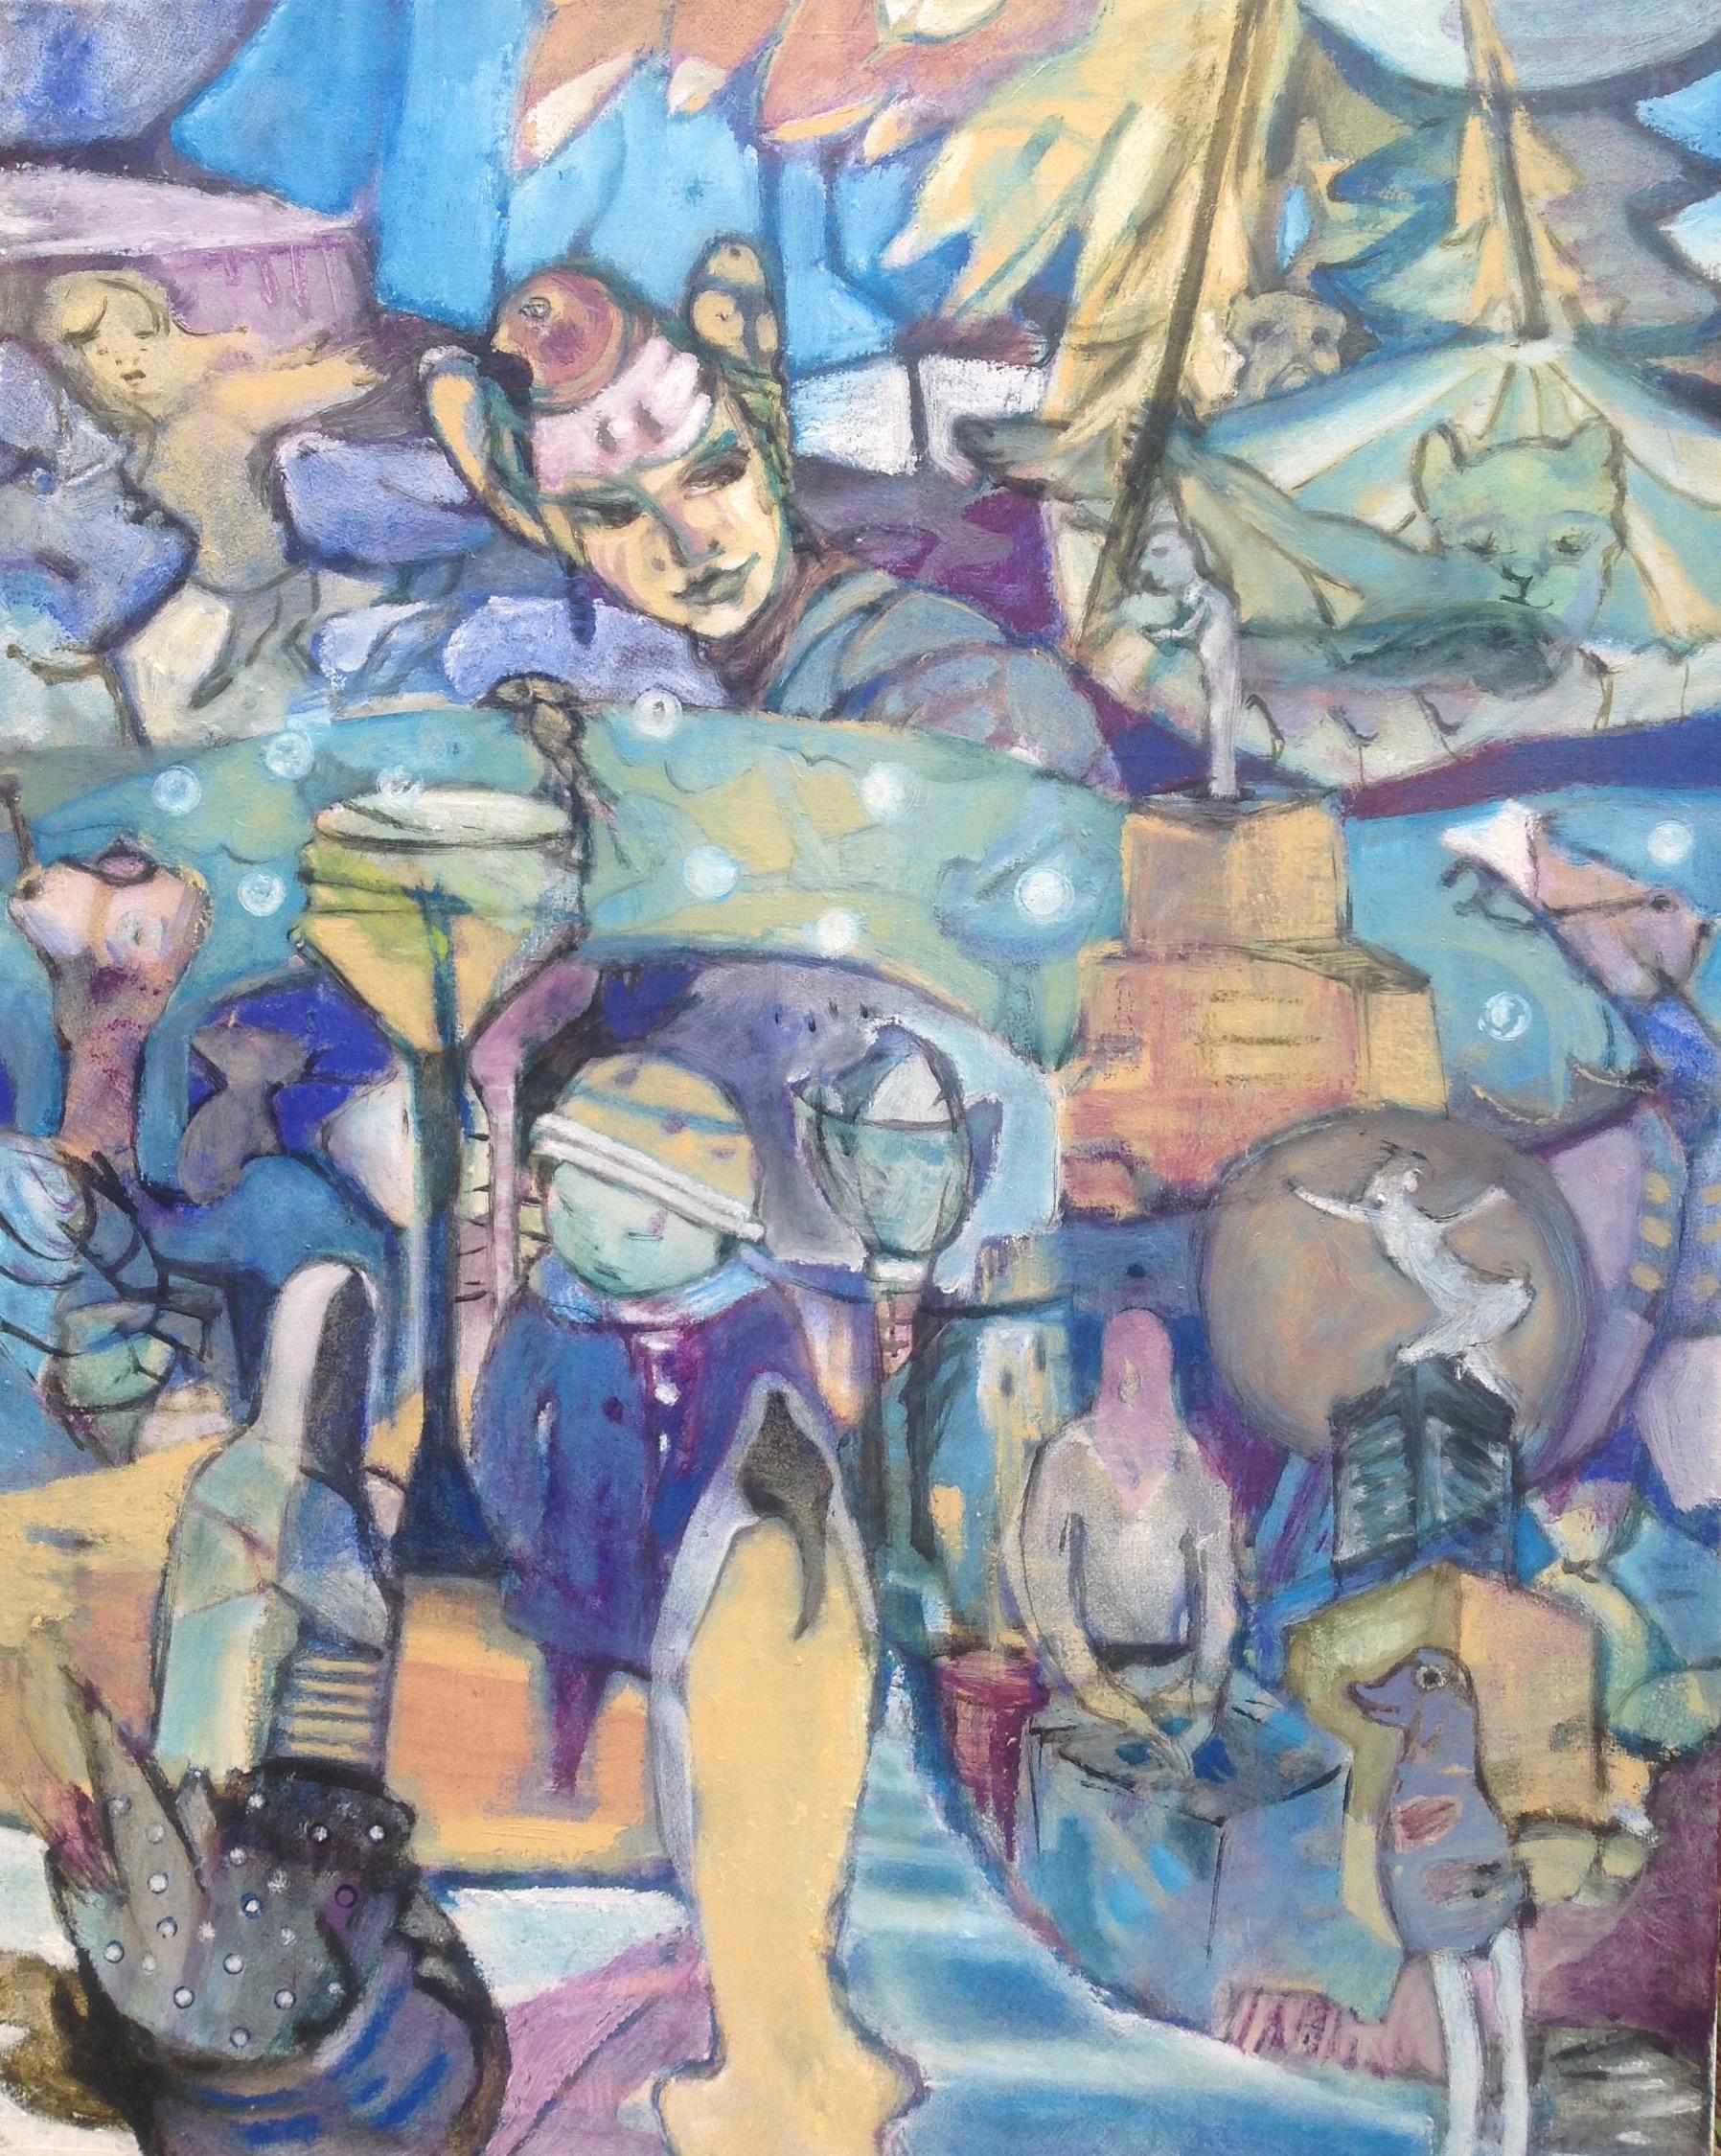 Vogelfrau, oil on canvas, 100x80cm